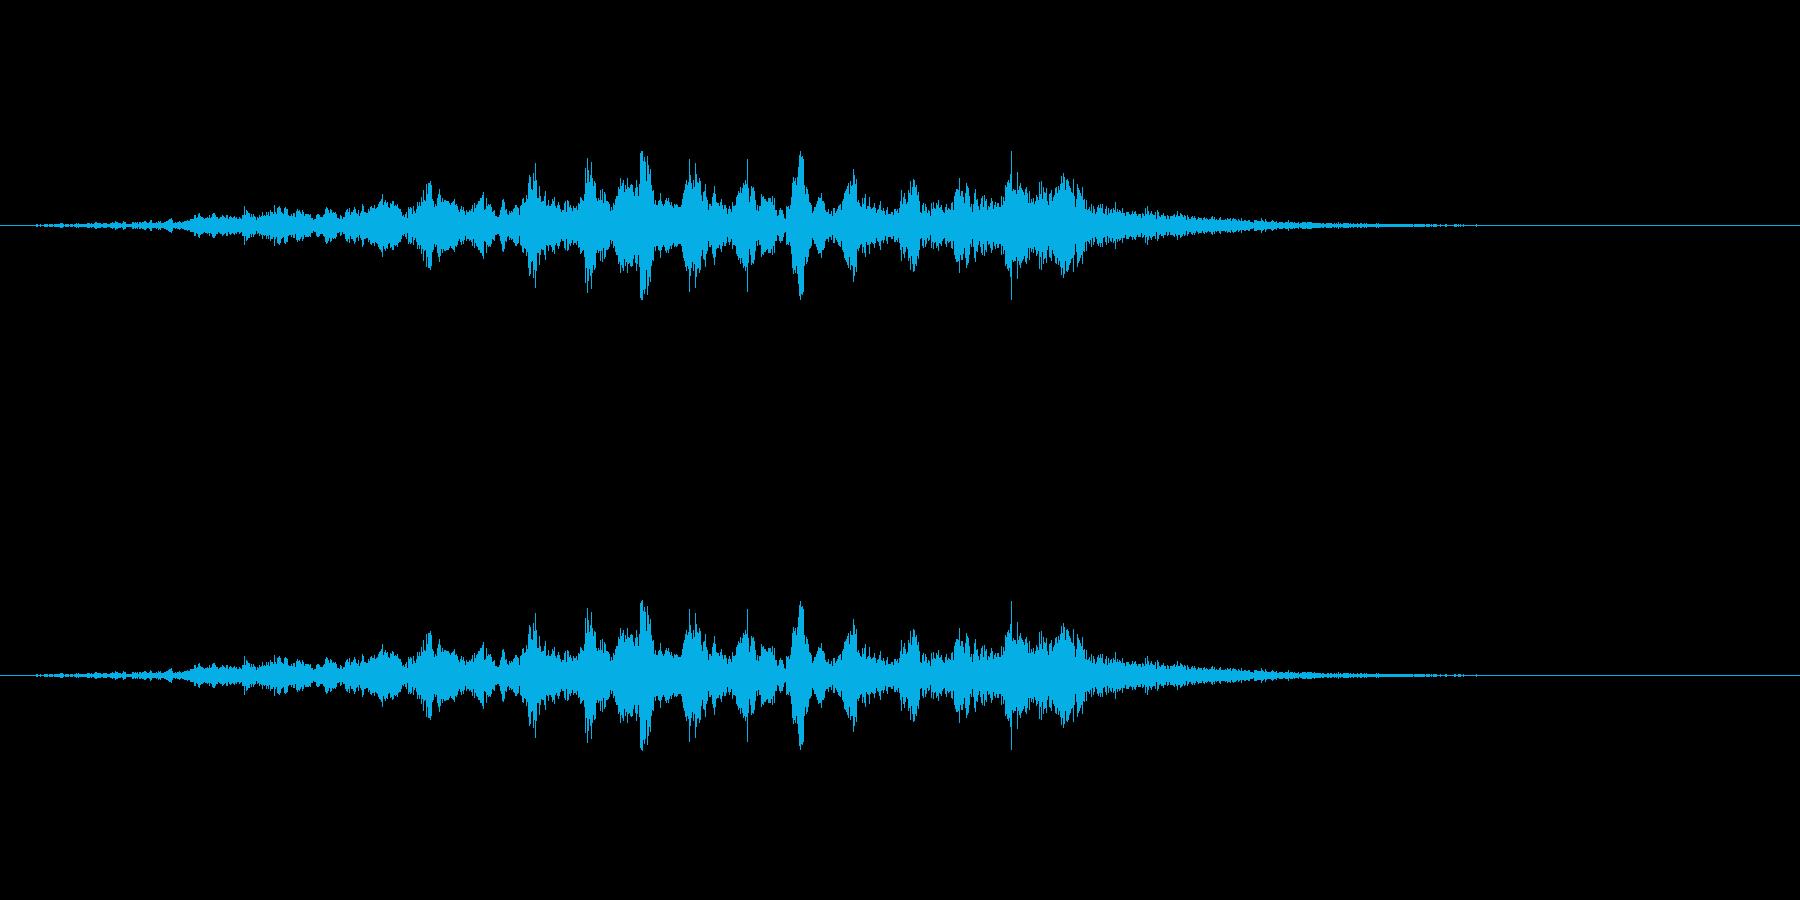 三味線ホラーの再生済みの波形